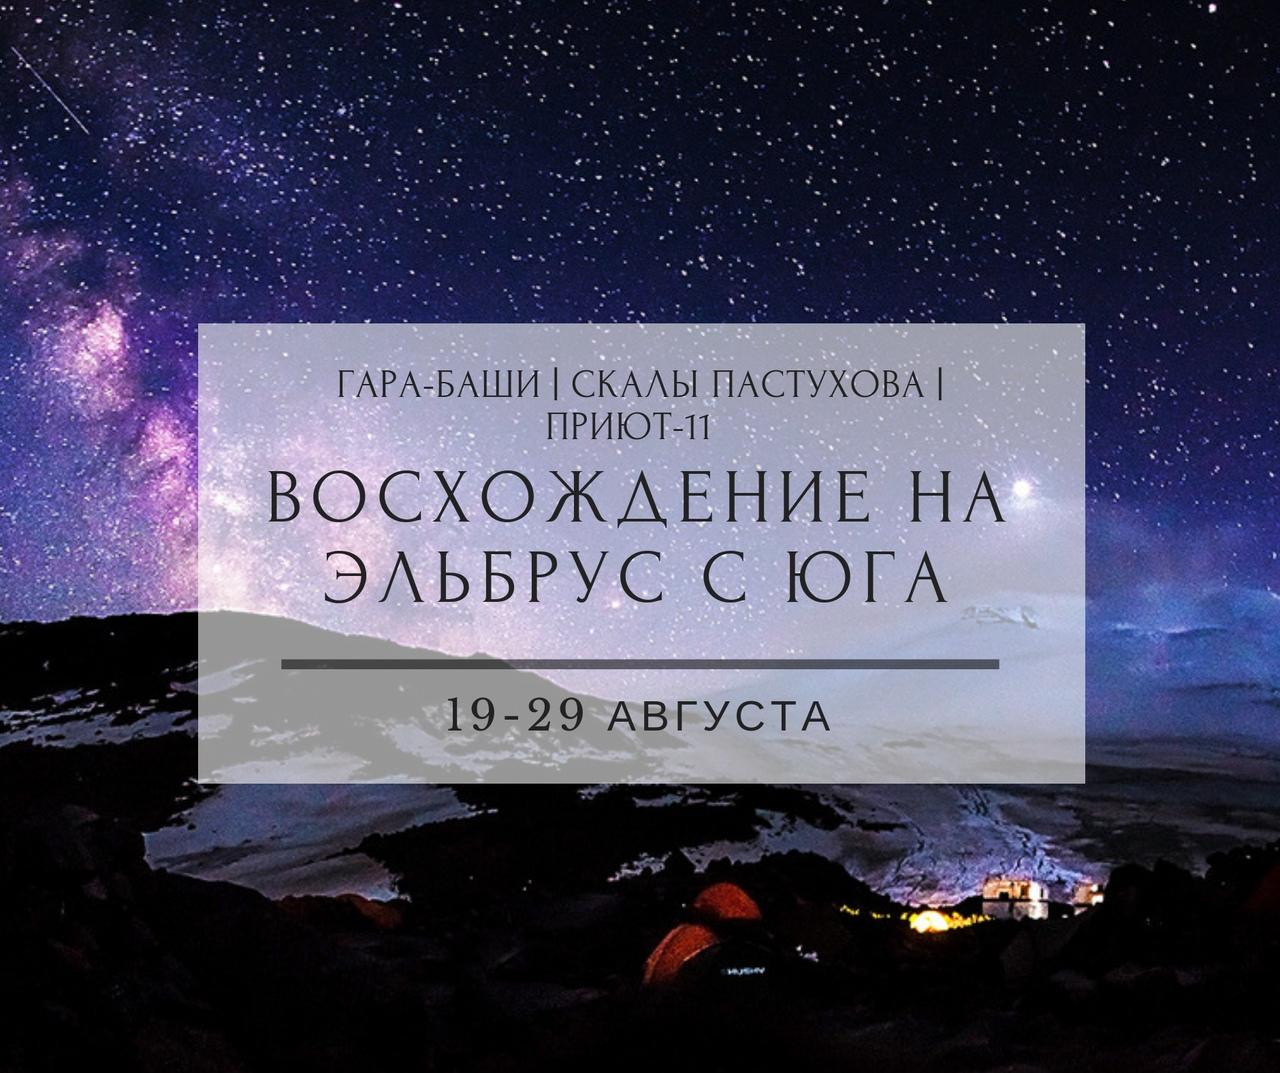 Афиша Тюмень ЭЛЬБРУС С ЮГА. ВОСХОЖДЕНИЕ / 19-29 АВГУСТА